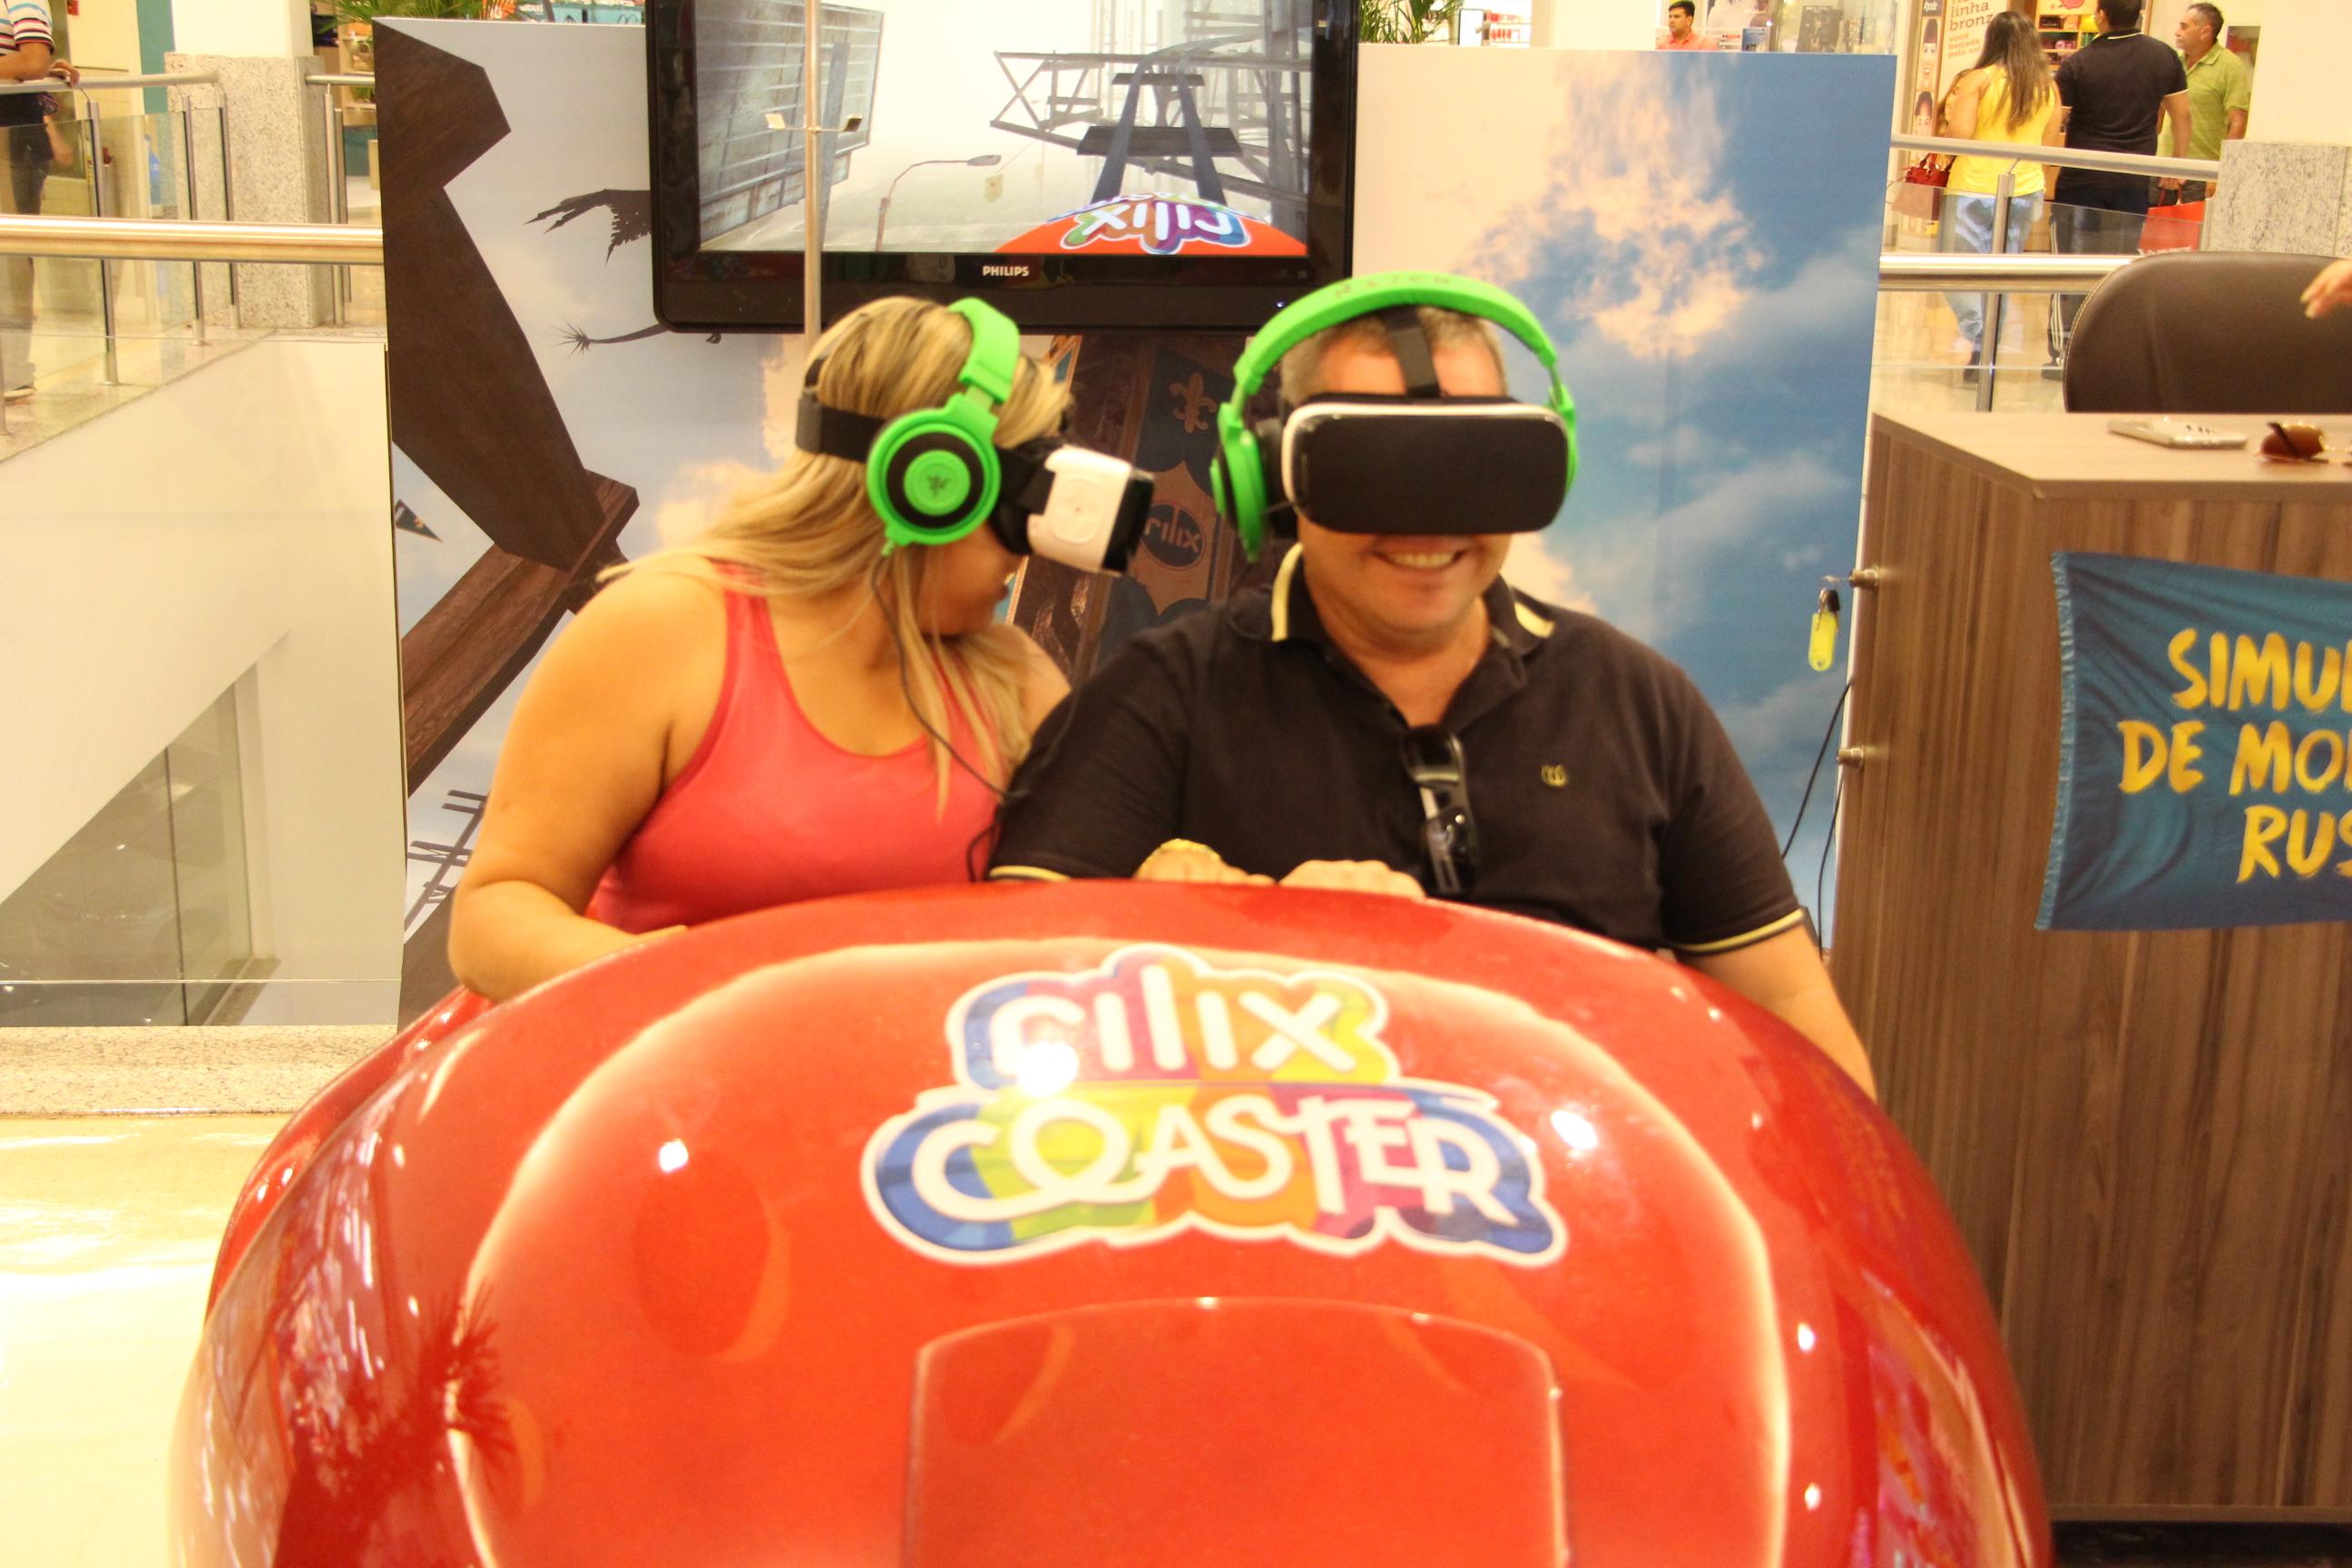 Simulador de montanha russa tem 20 cenários, vibração e vento no rosto